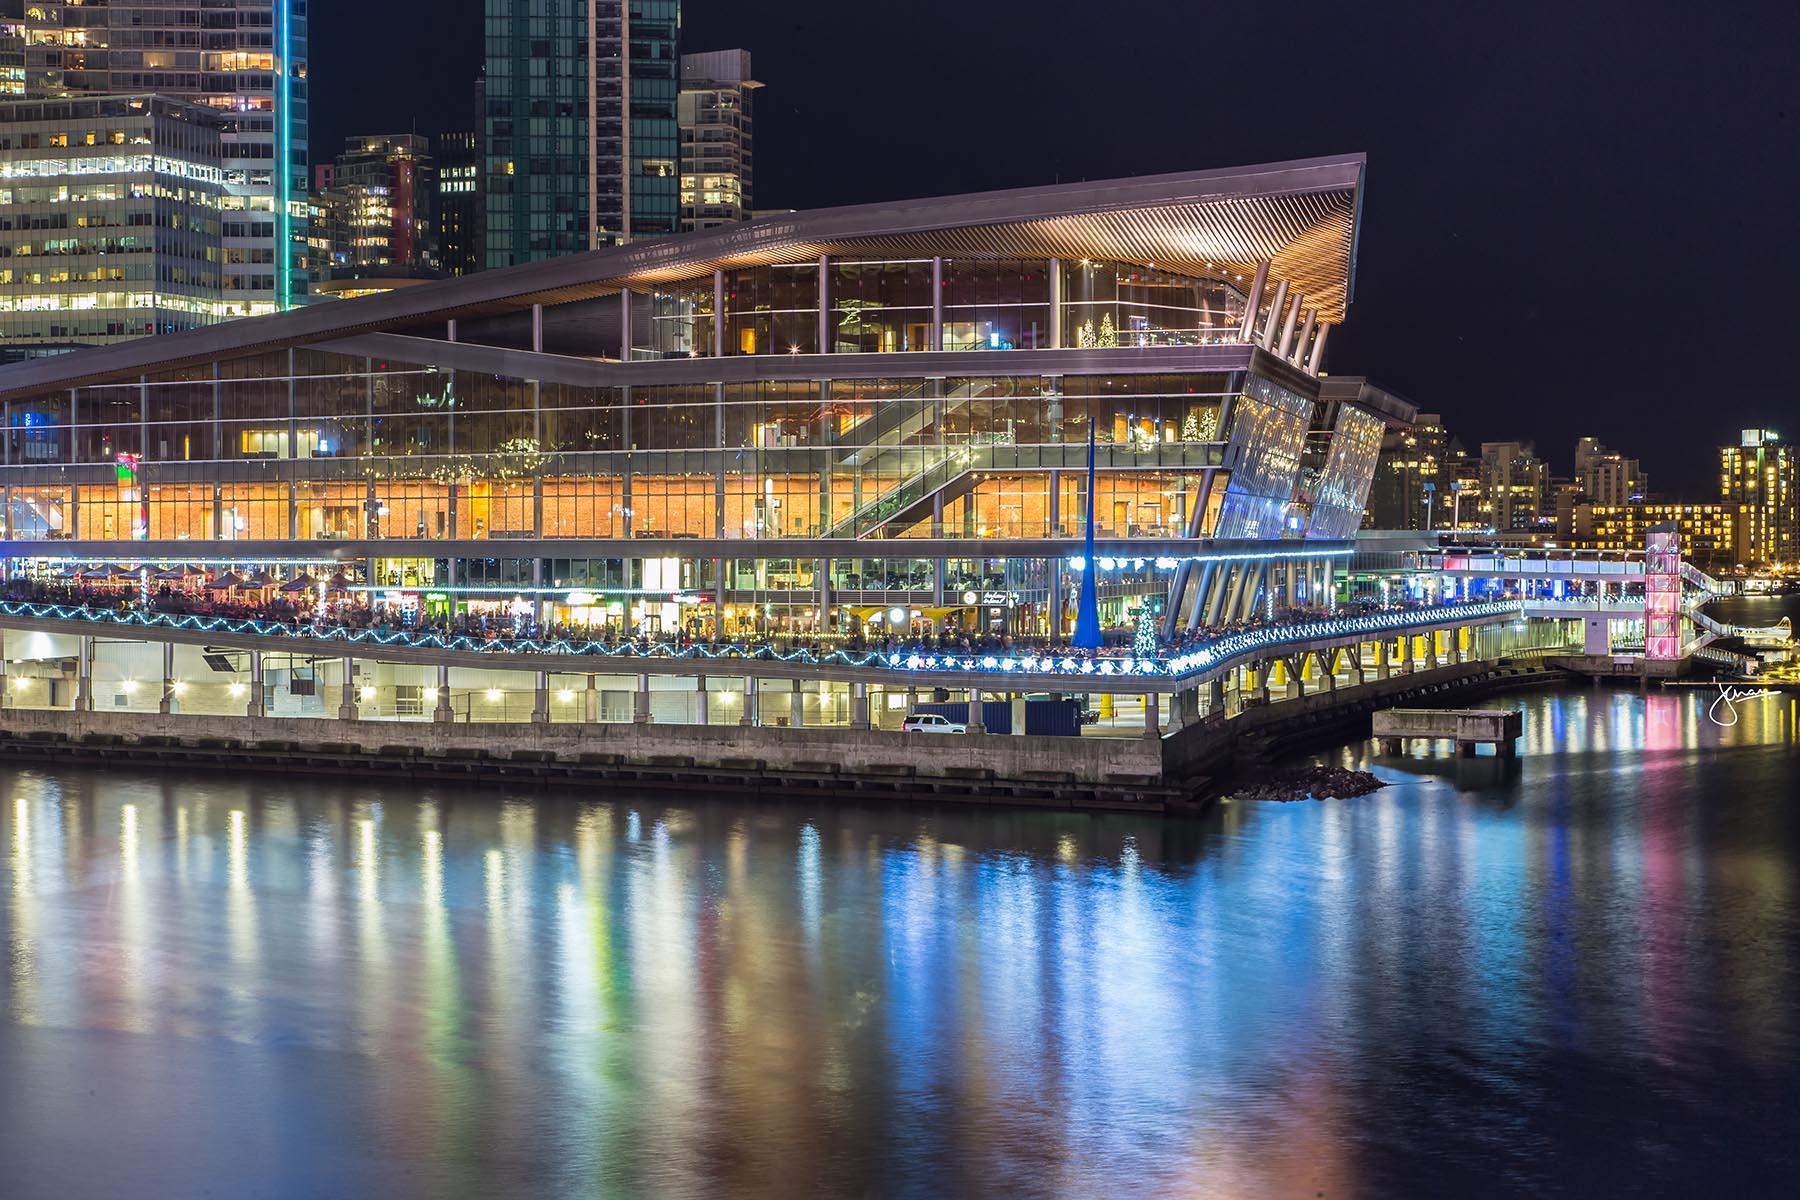 Vancouver Convention Centre / Jenn Chan